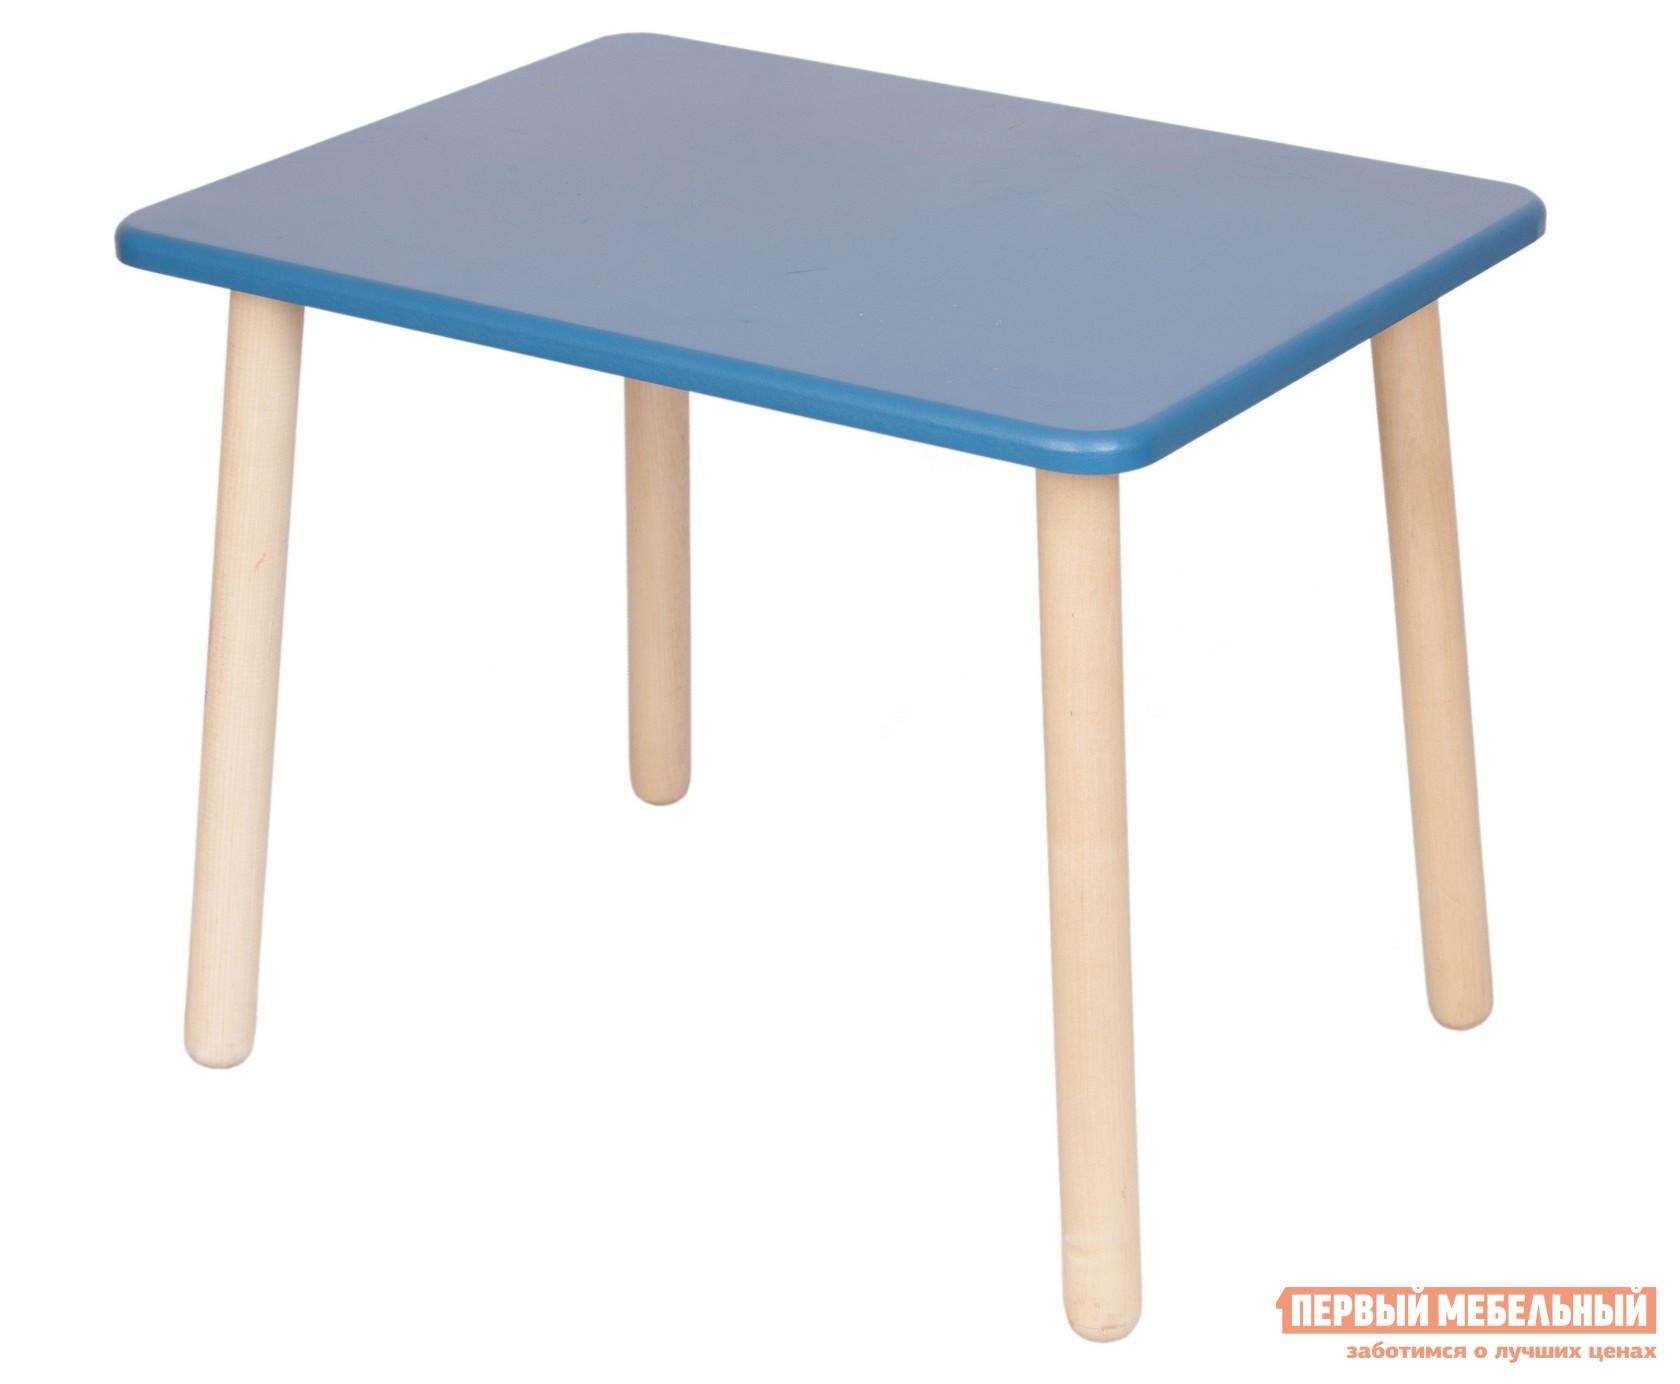 Столик и стульчик РусЭкоМебель Стол Большой 70*50 ЭКО Эко синий